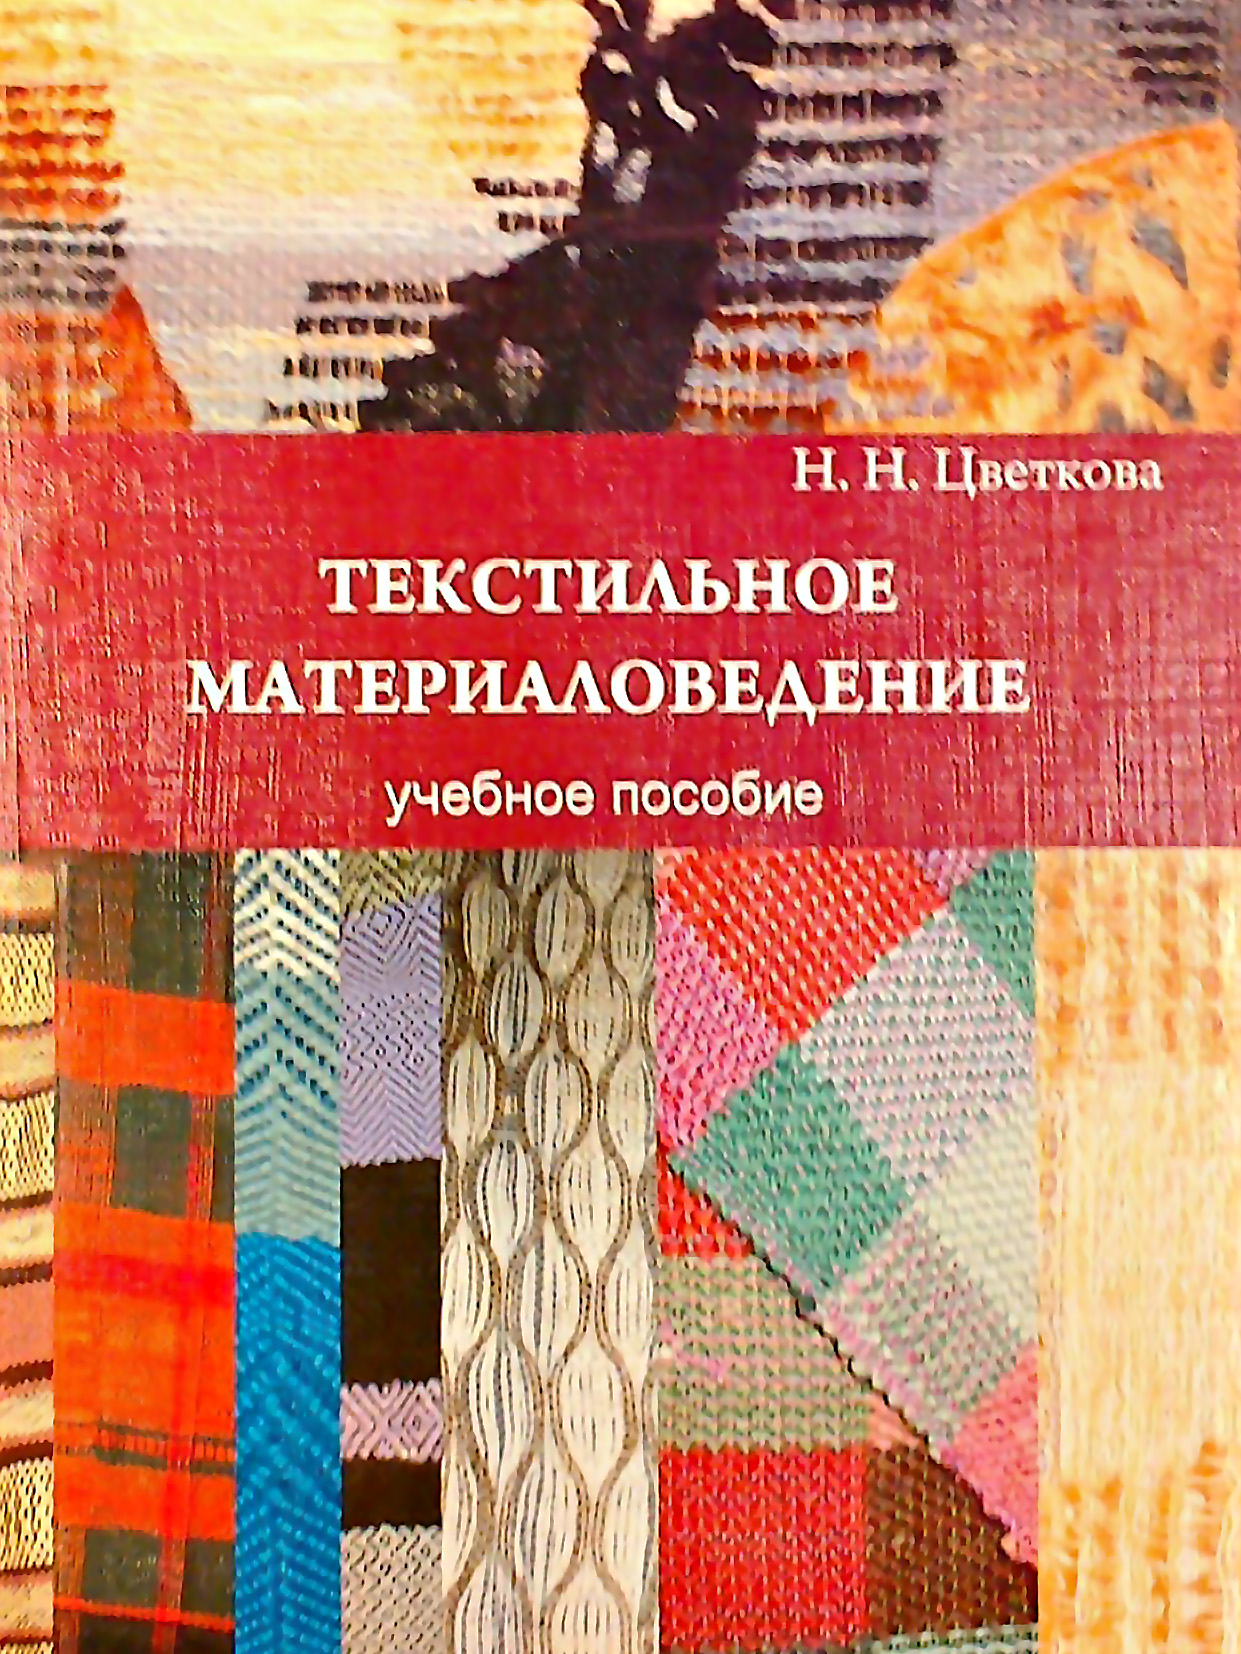 Текстильное материаловедение: учебное пособие